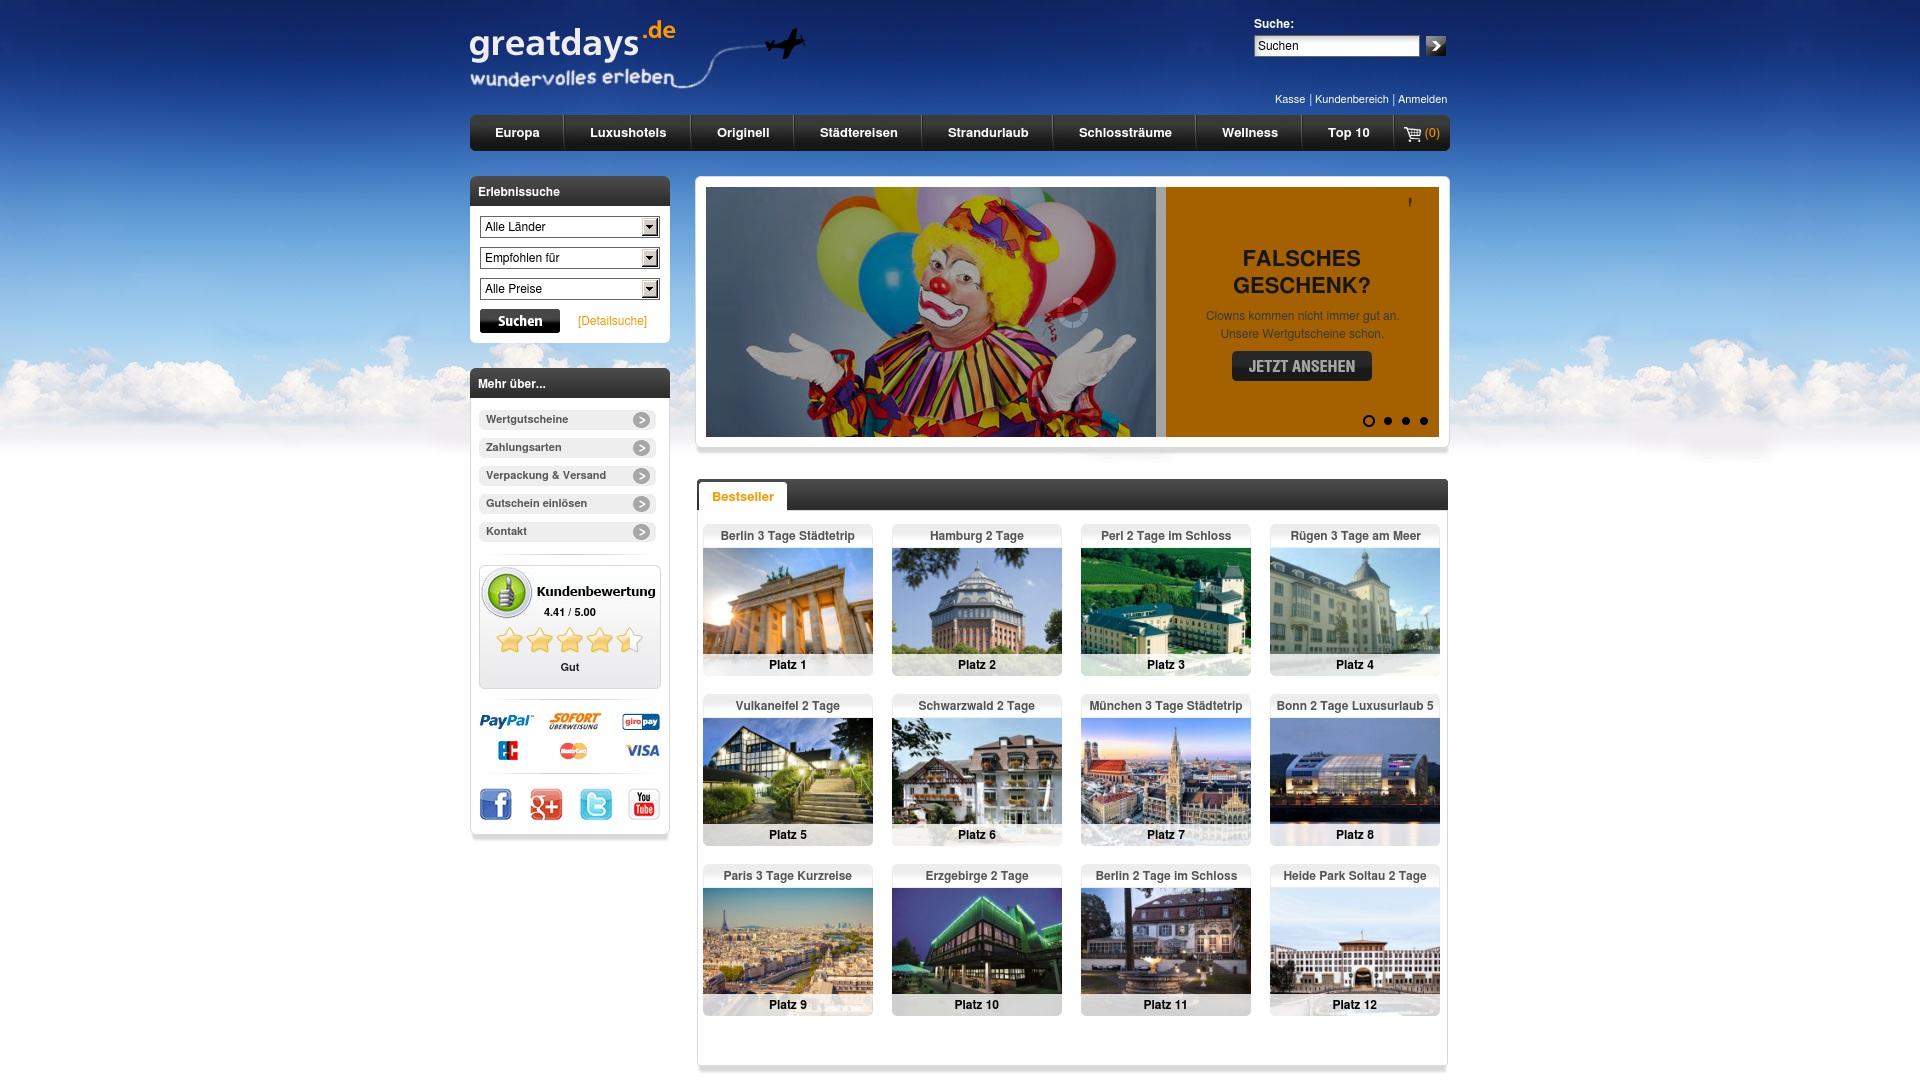 Gutschein für Greatdays: Rabatte für  Greatdays sichern